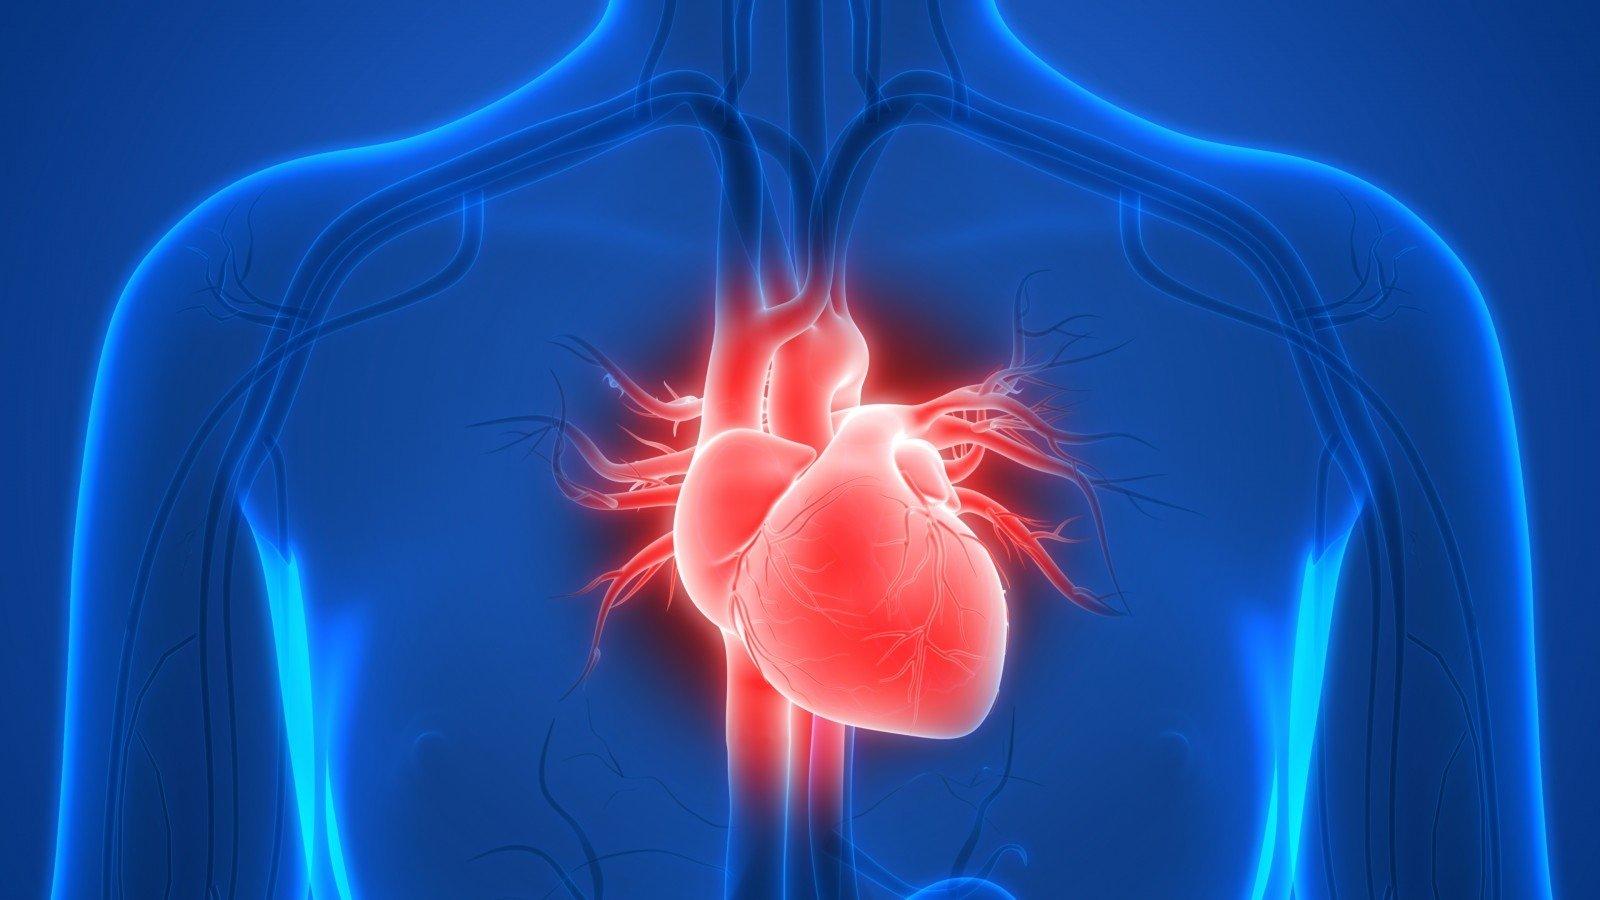 širdies ar svorį širdies sveikatai)